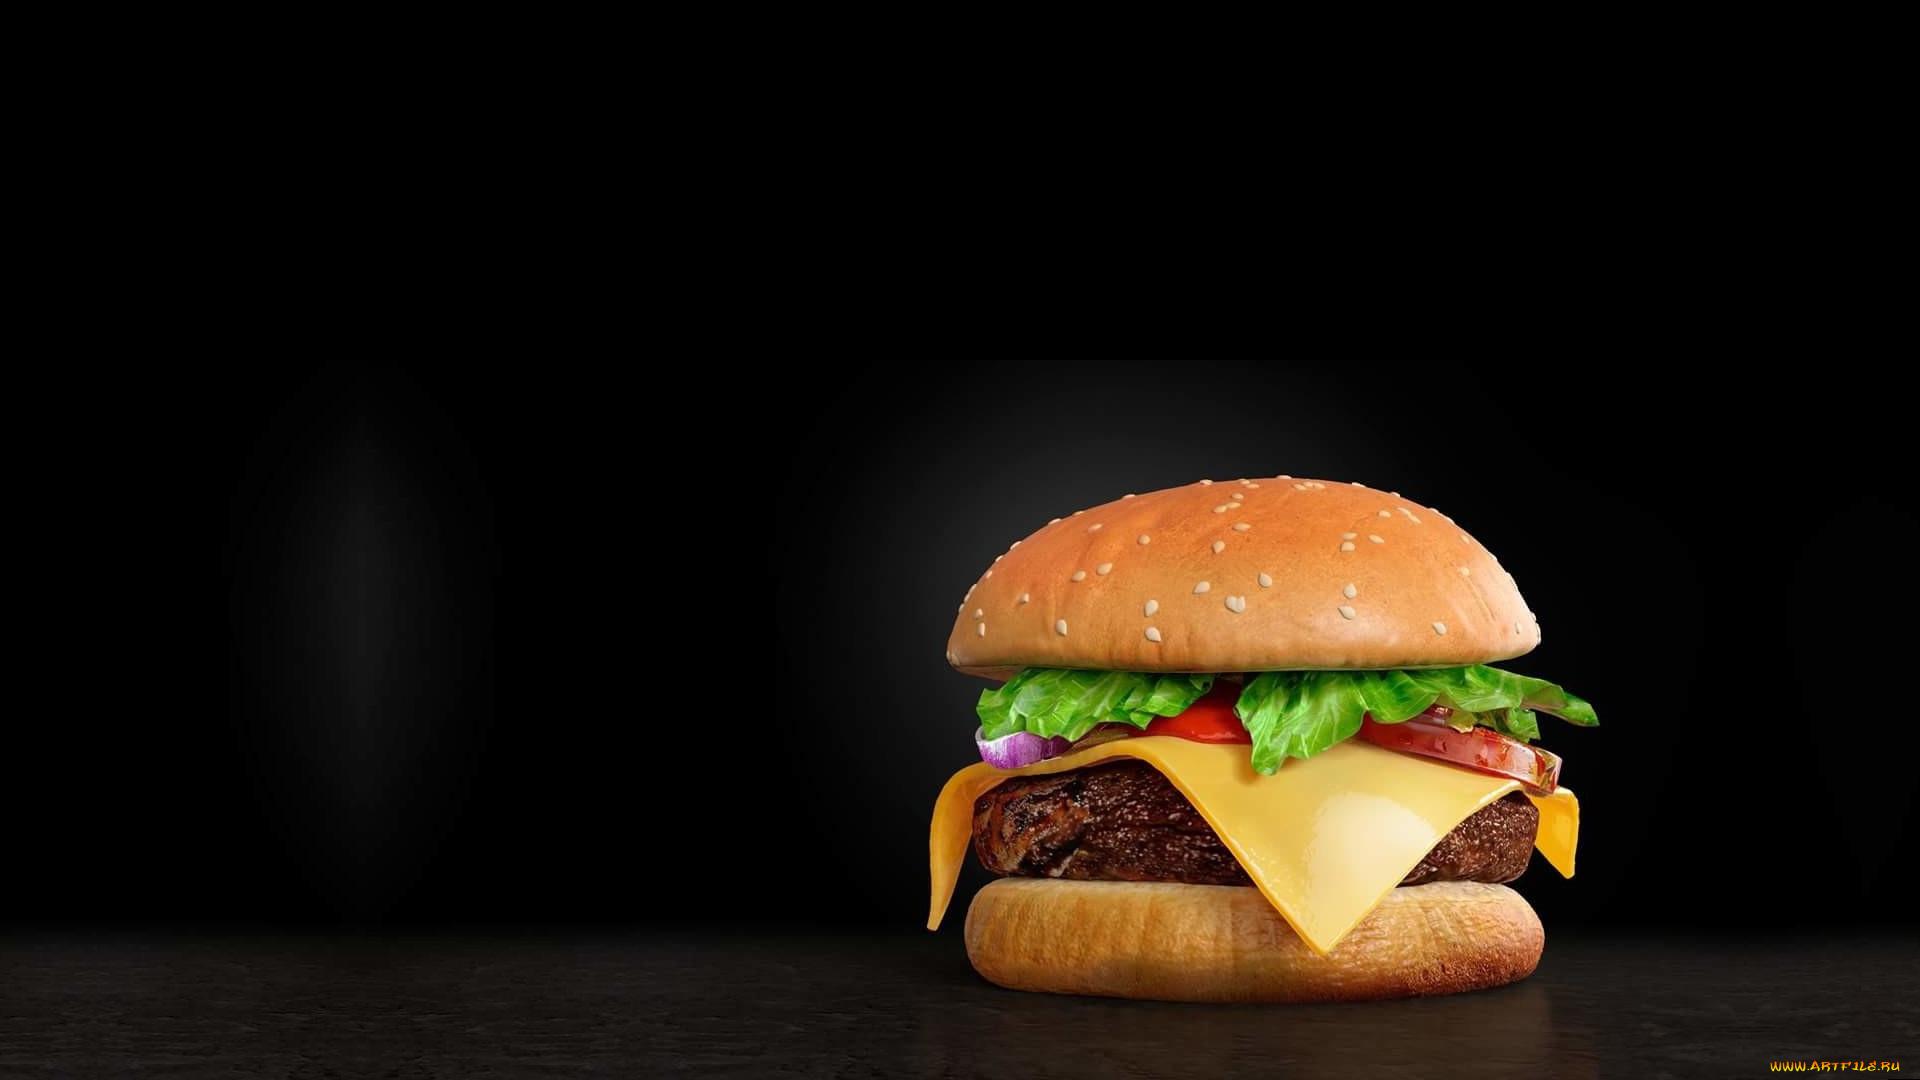 Гамбургер анонимно